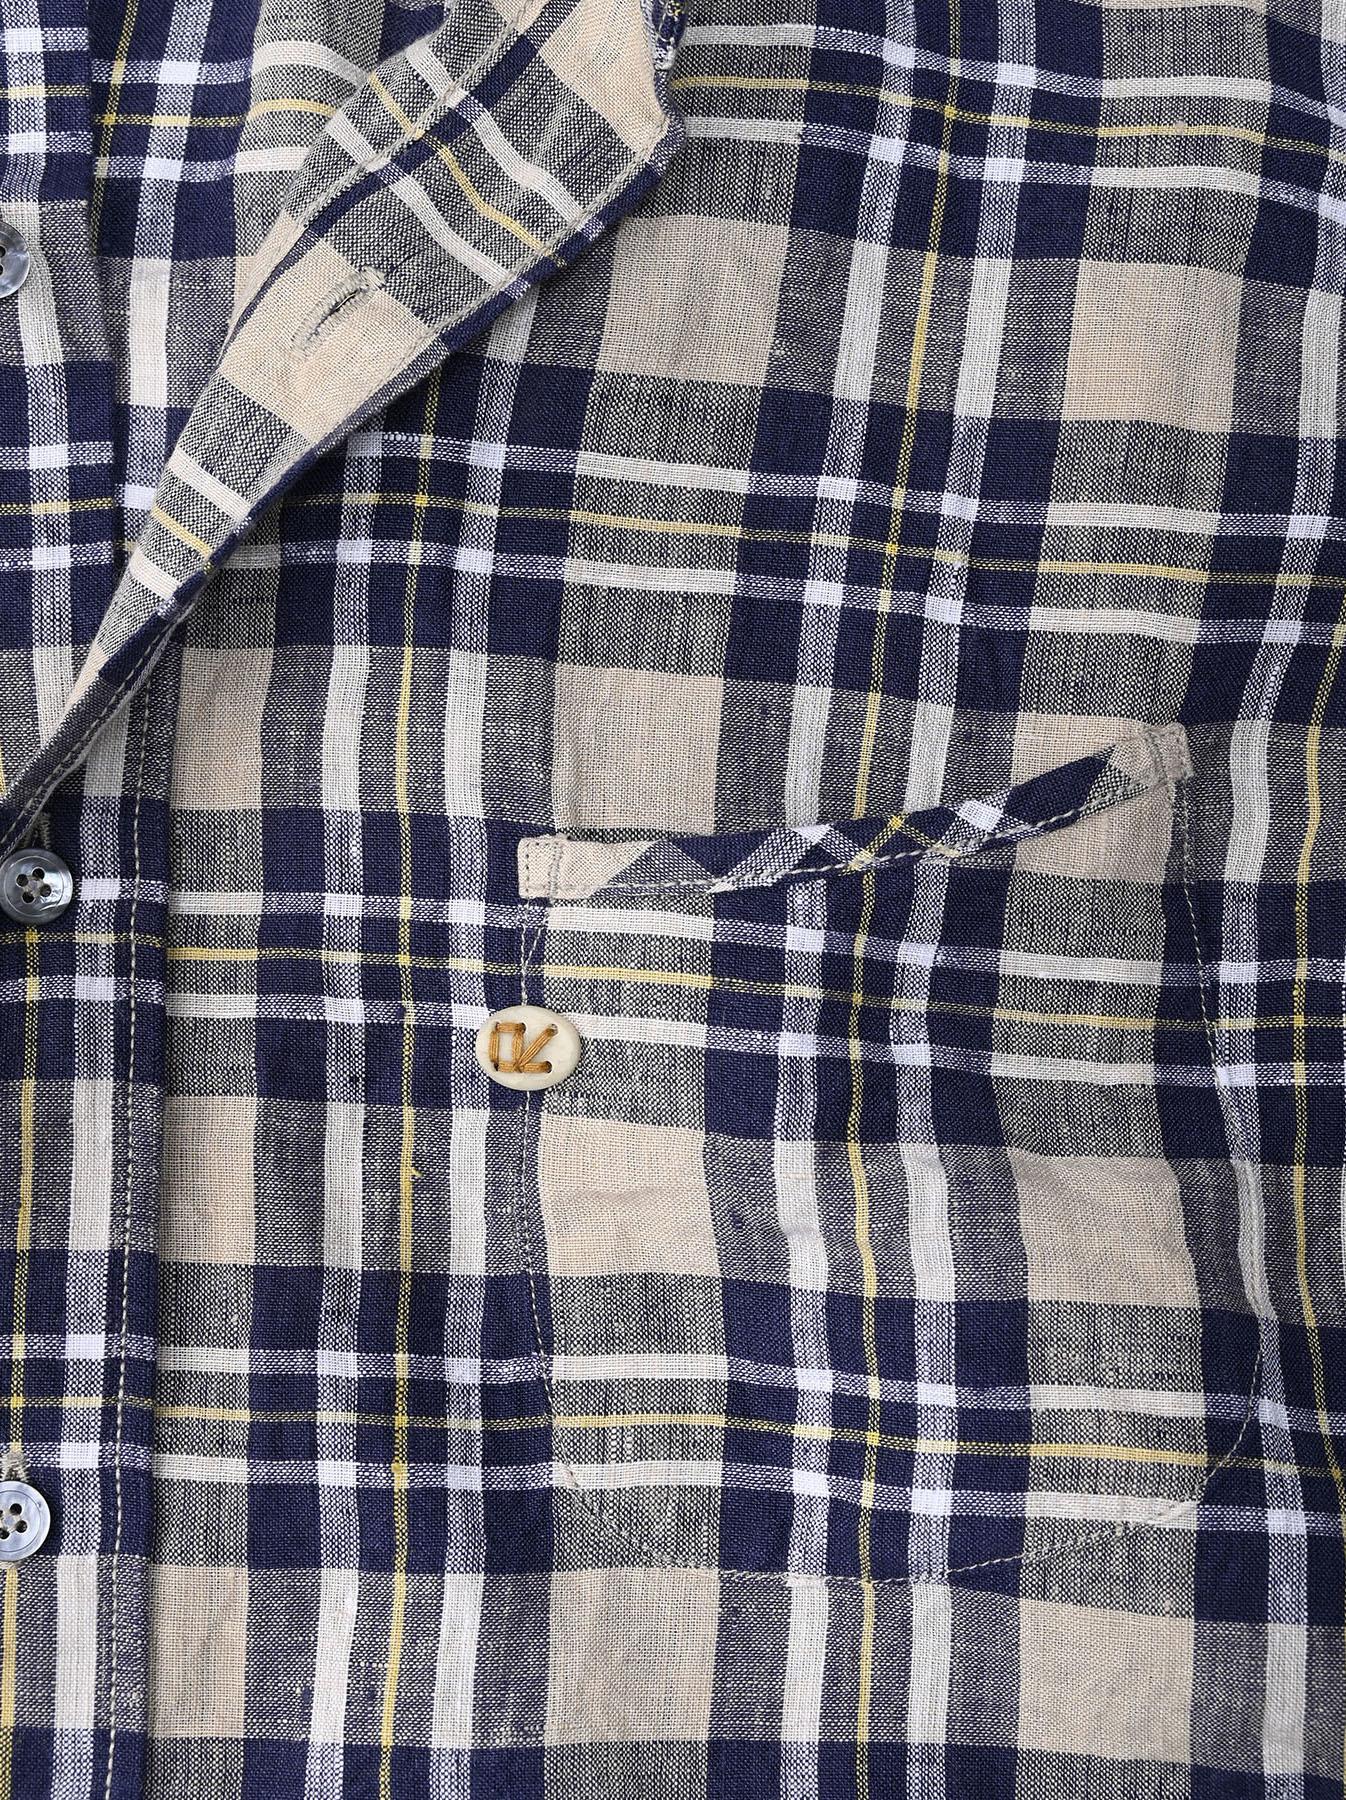 Indian Linen Madras 908 Ocean Button Down Shirt (0421)-9